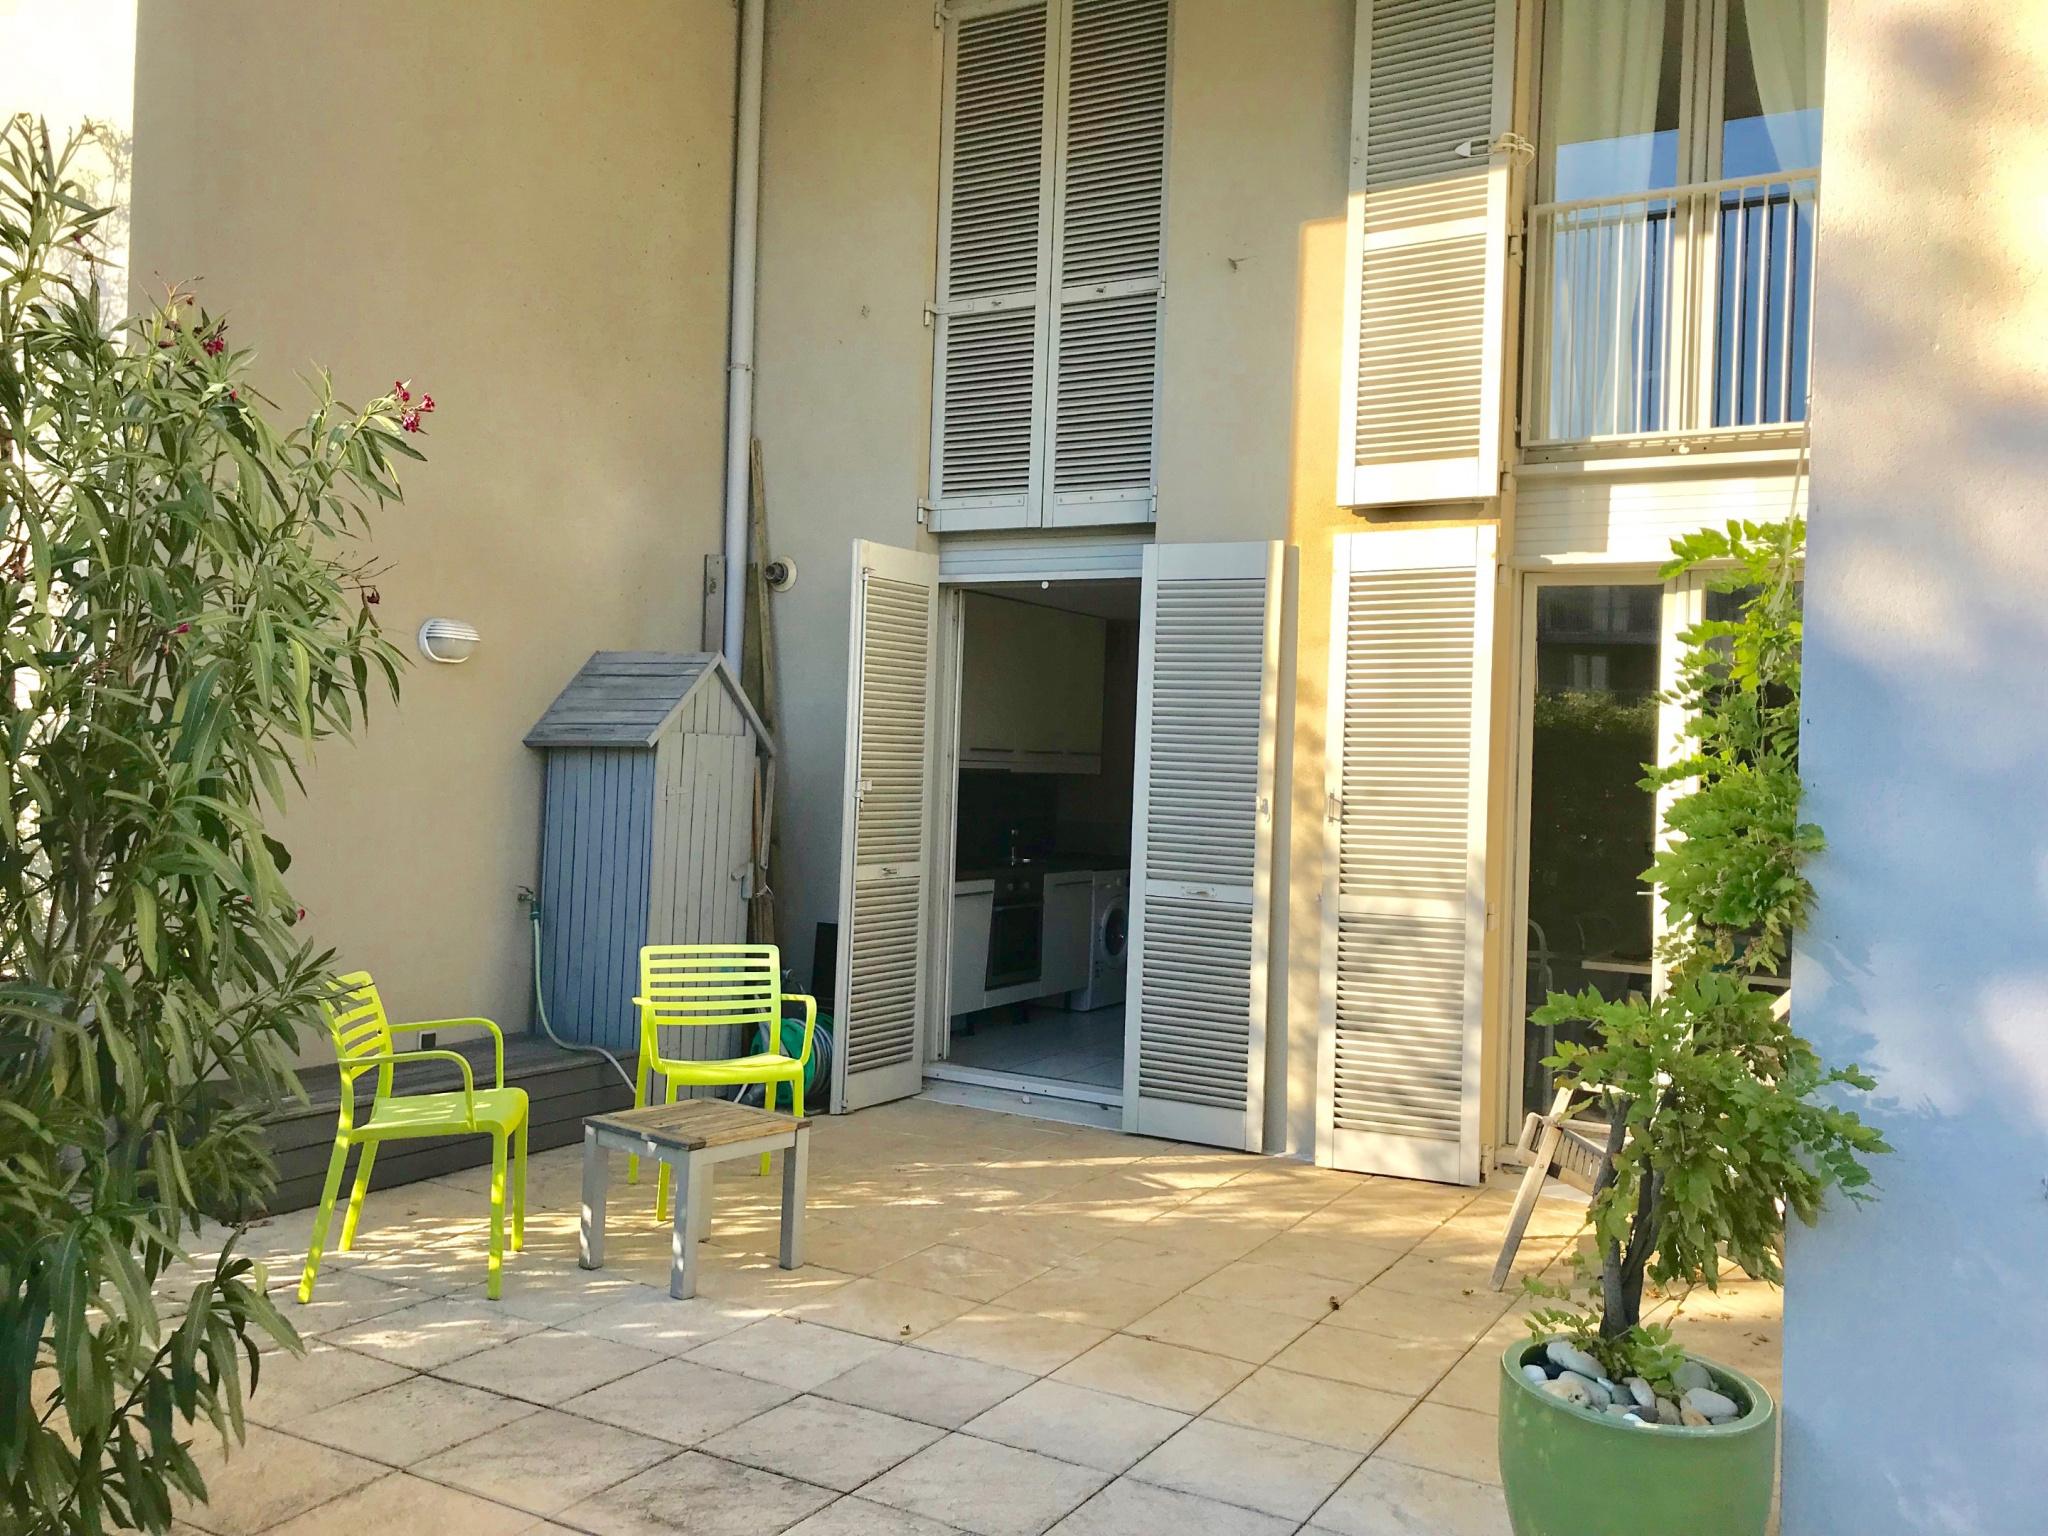 Location a louer chambre dans logement t4 avec jardin sur for Location t4 bordeaux